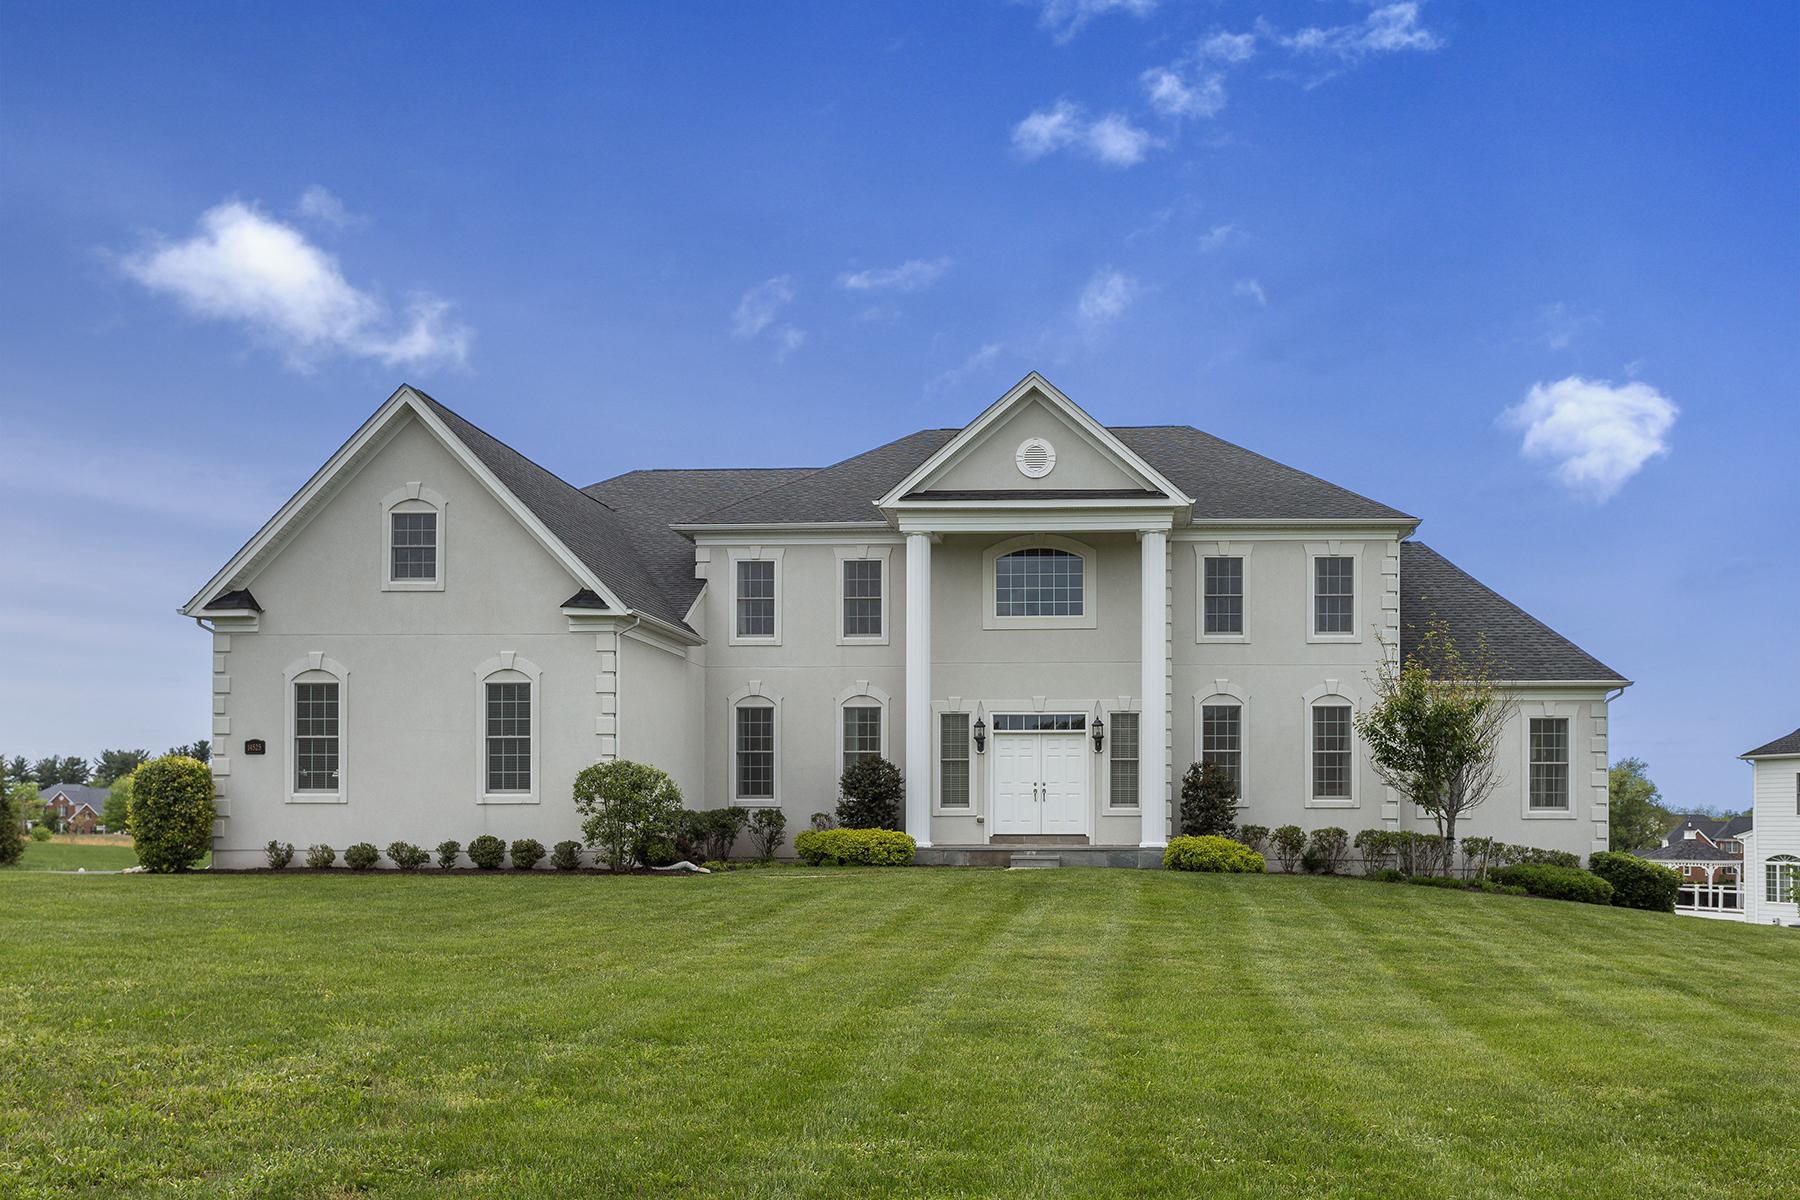 Einfamilienhaus für Verkauf beim 14525 Edgewoods Way, Glenelg Glenelg, Maryland 21737 Vereinigte Staaten